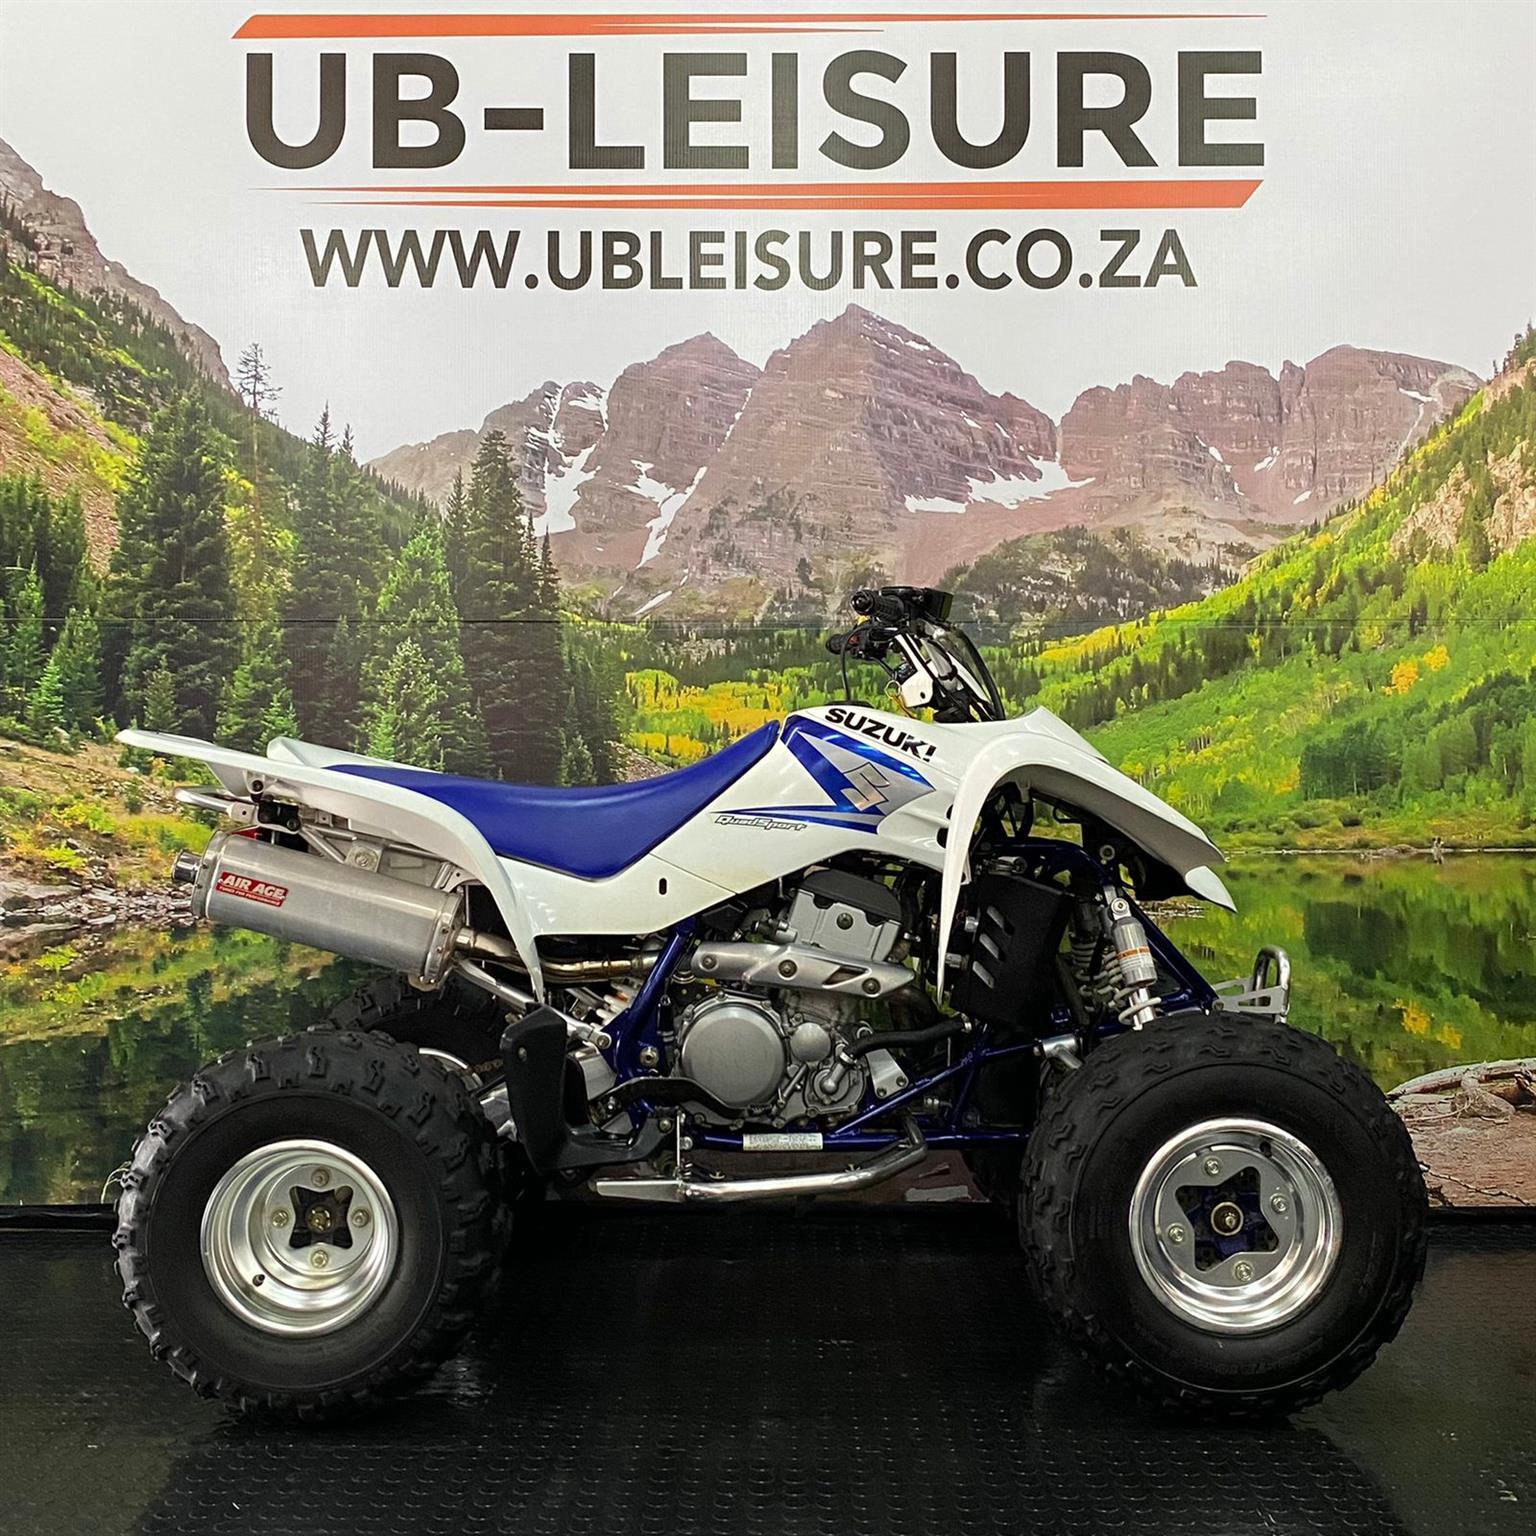 2005 SUZUKI LTZ 400 | UB LEISURE